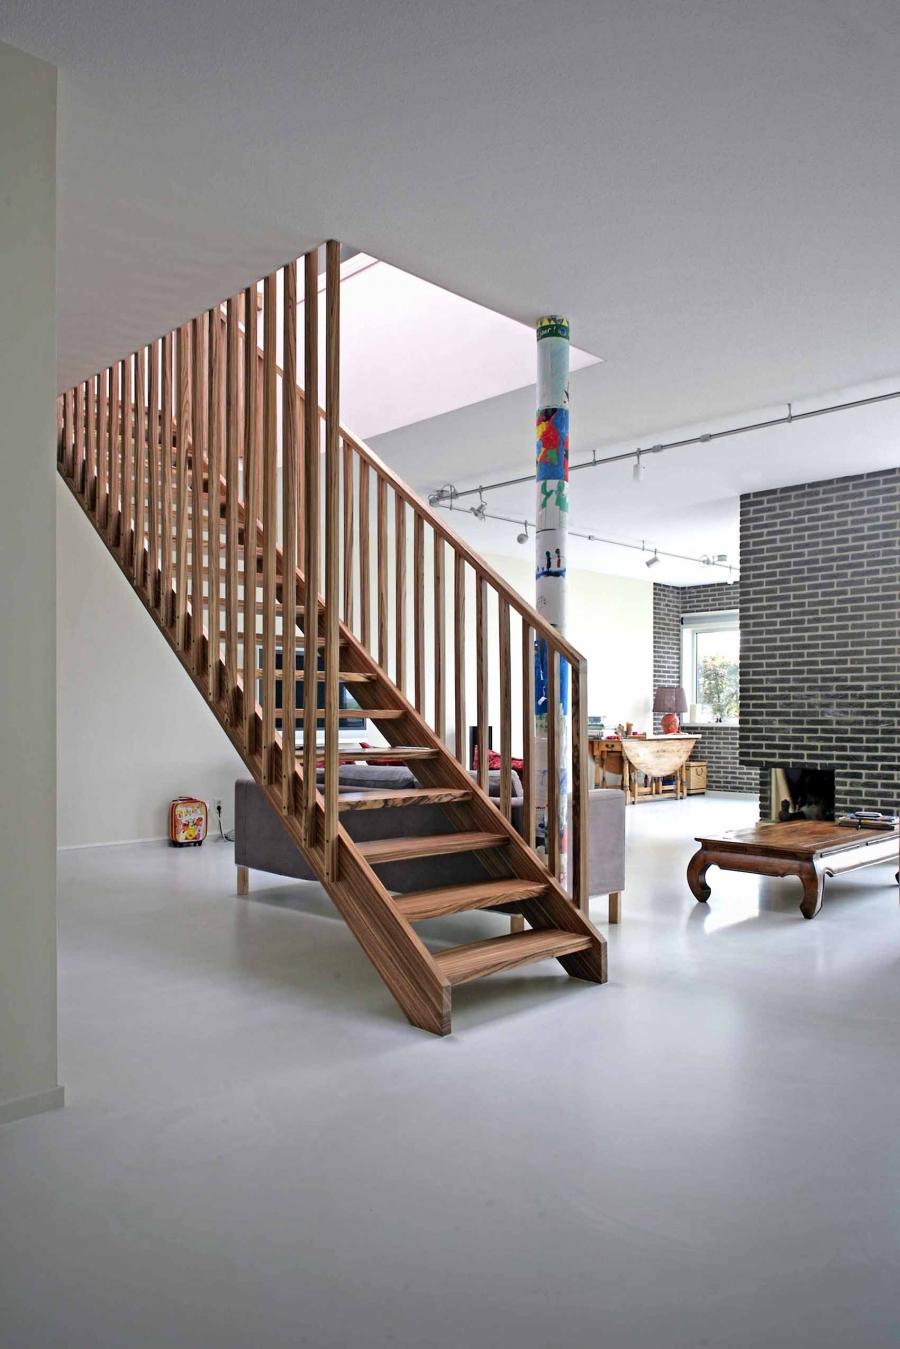 Casa en amsterdam dafdf arquitectura y urbanismo - Apartamentos en amsterdam ...